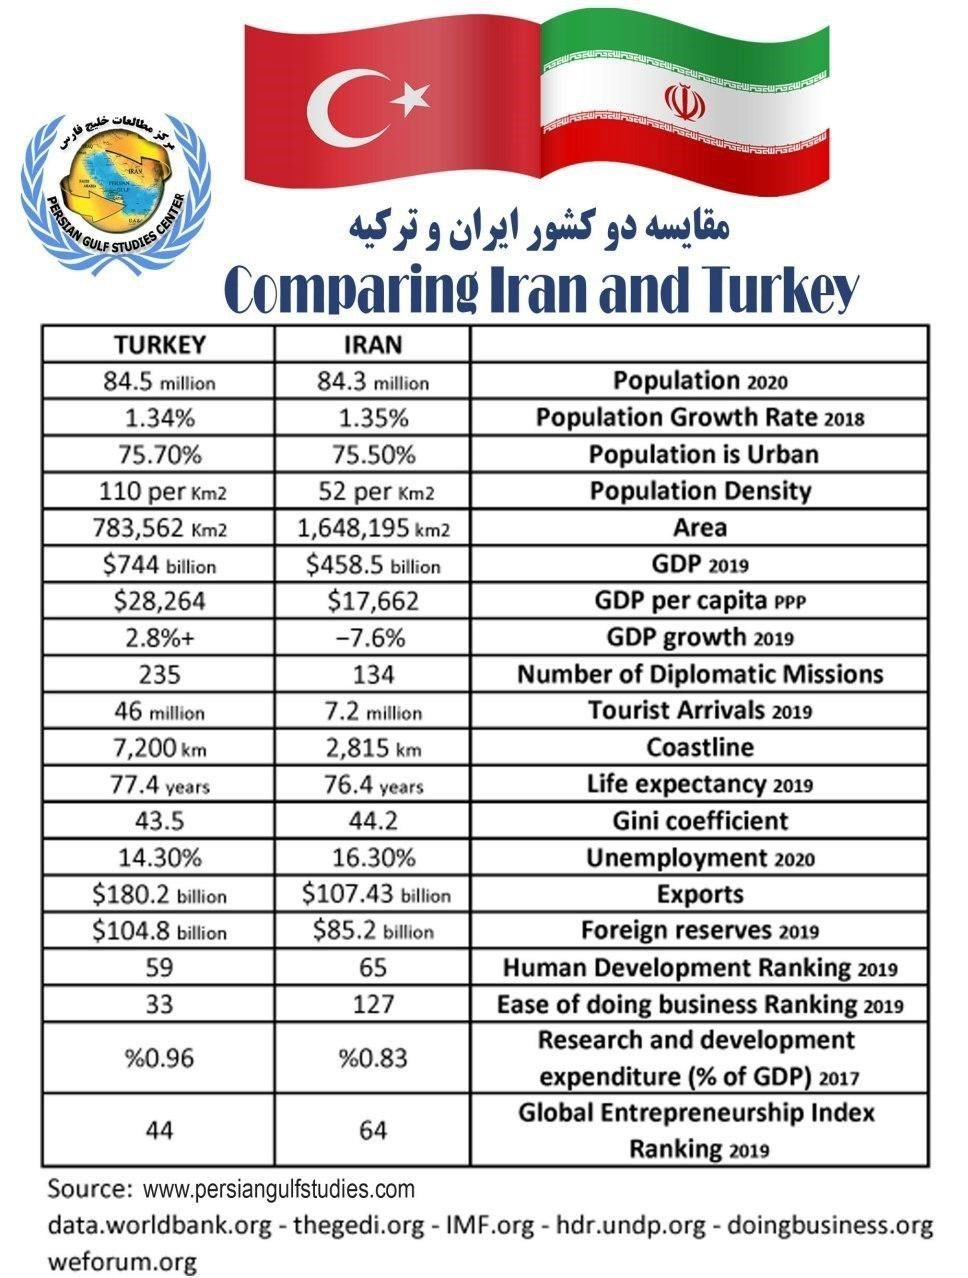 کاهش جمعیت , فرزندآوری , سیاستهای تشویقی برای فرزندآوری , کشور ترکیه , کلیدواژههای بیانات مقام معظم رهبری ,